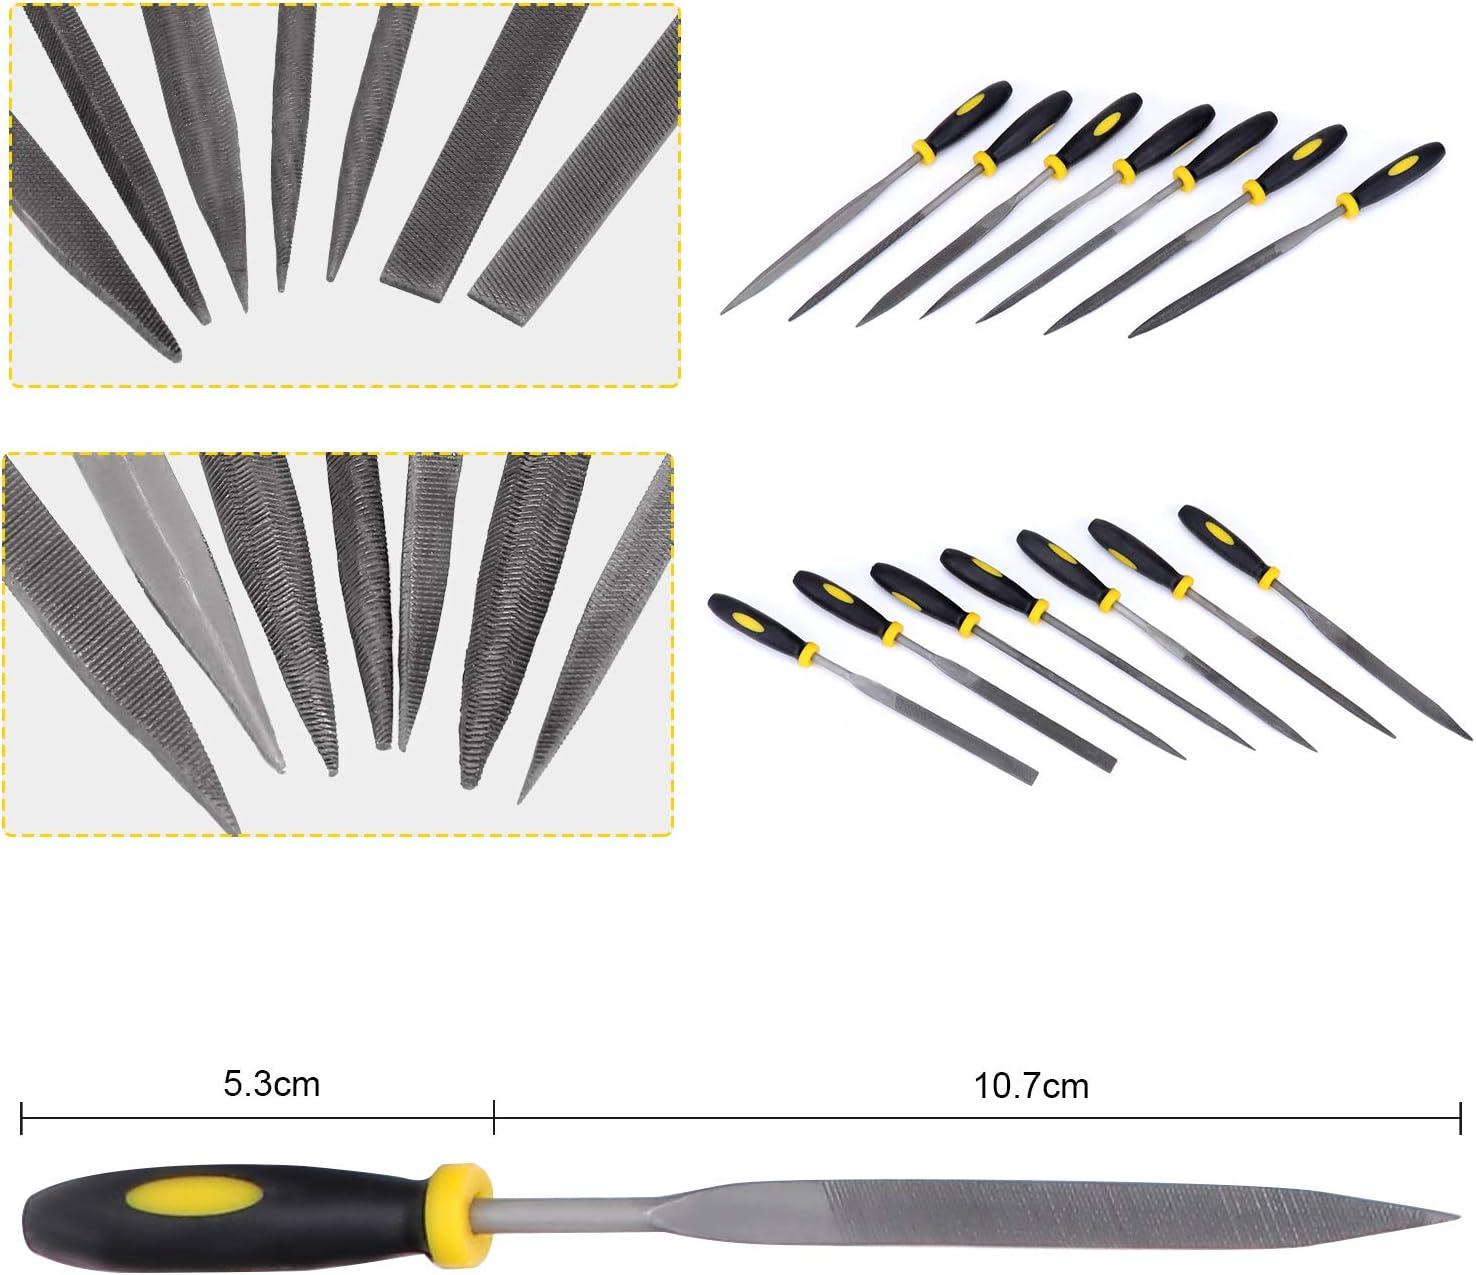 Halbrunder Runder Diamant Feile Set Dreieckiger Feile und Nadelfeile WiMas 19PCS Werkstattfeile Satz Handfeilen-Kit mit flacher